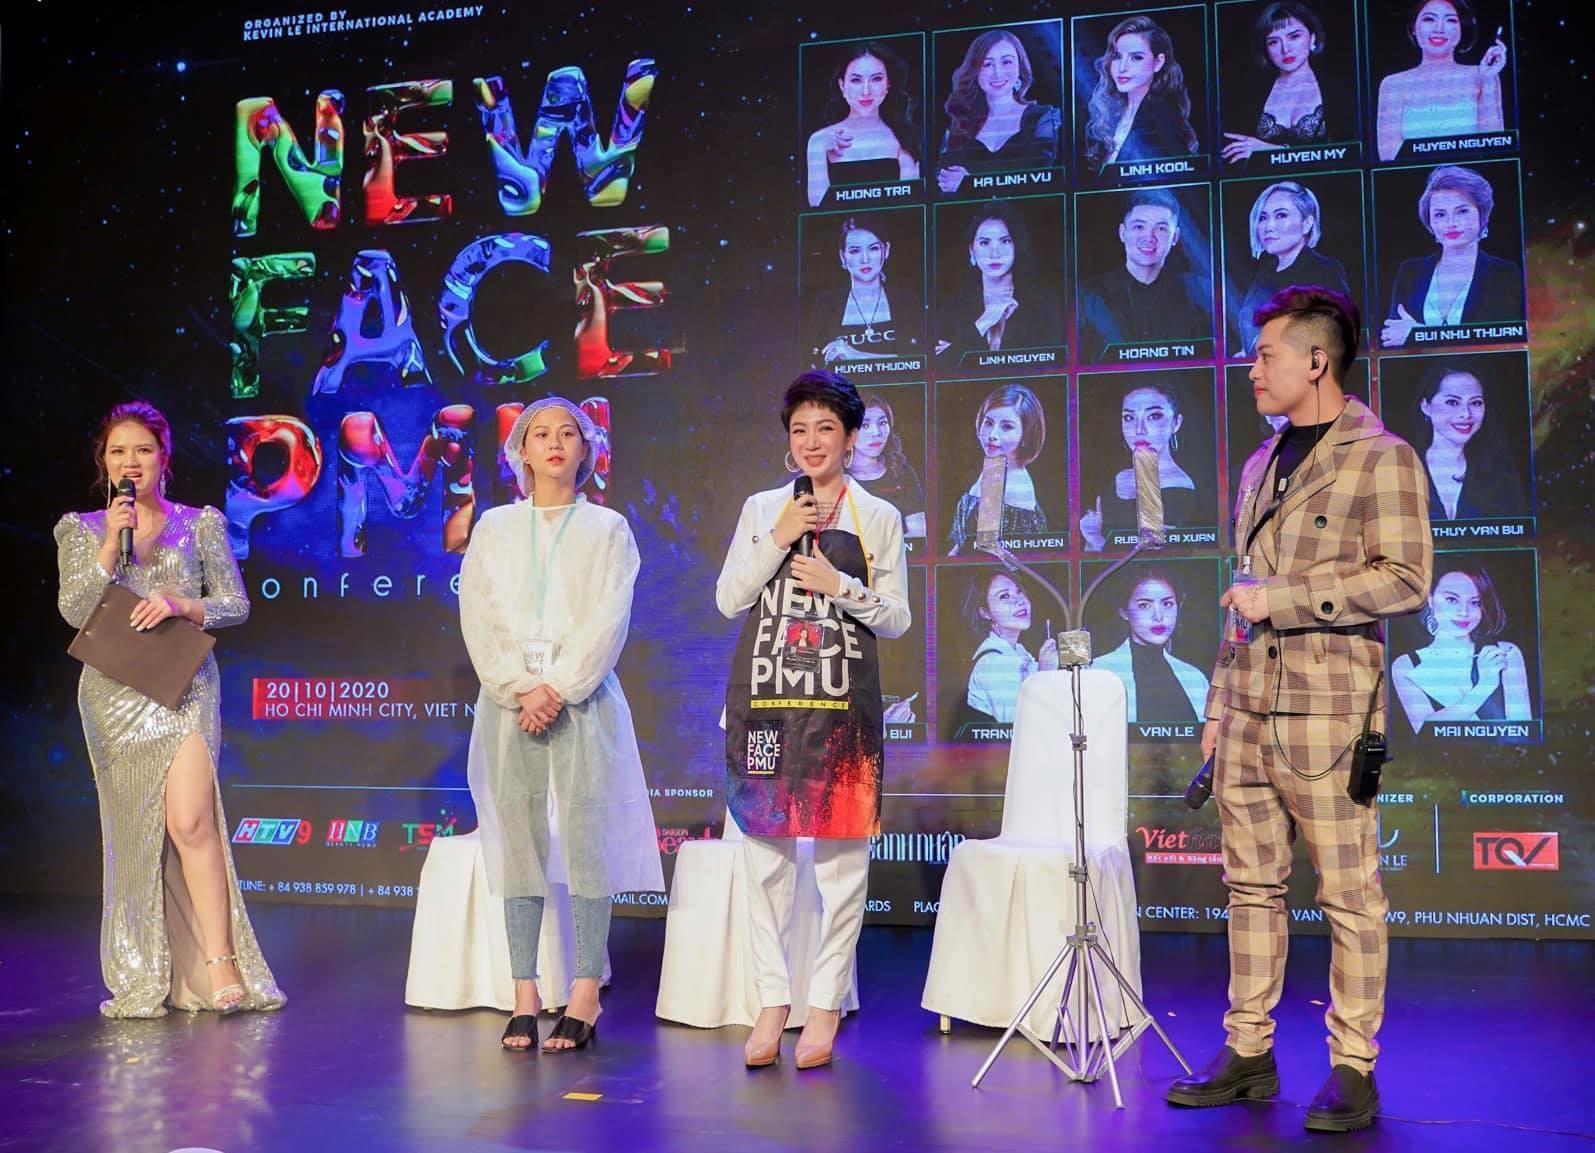 Dấu ấn khó quên của Thu Anh Brows tại Vietnam PMU Championship 2020 - Ảnh 4.